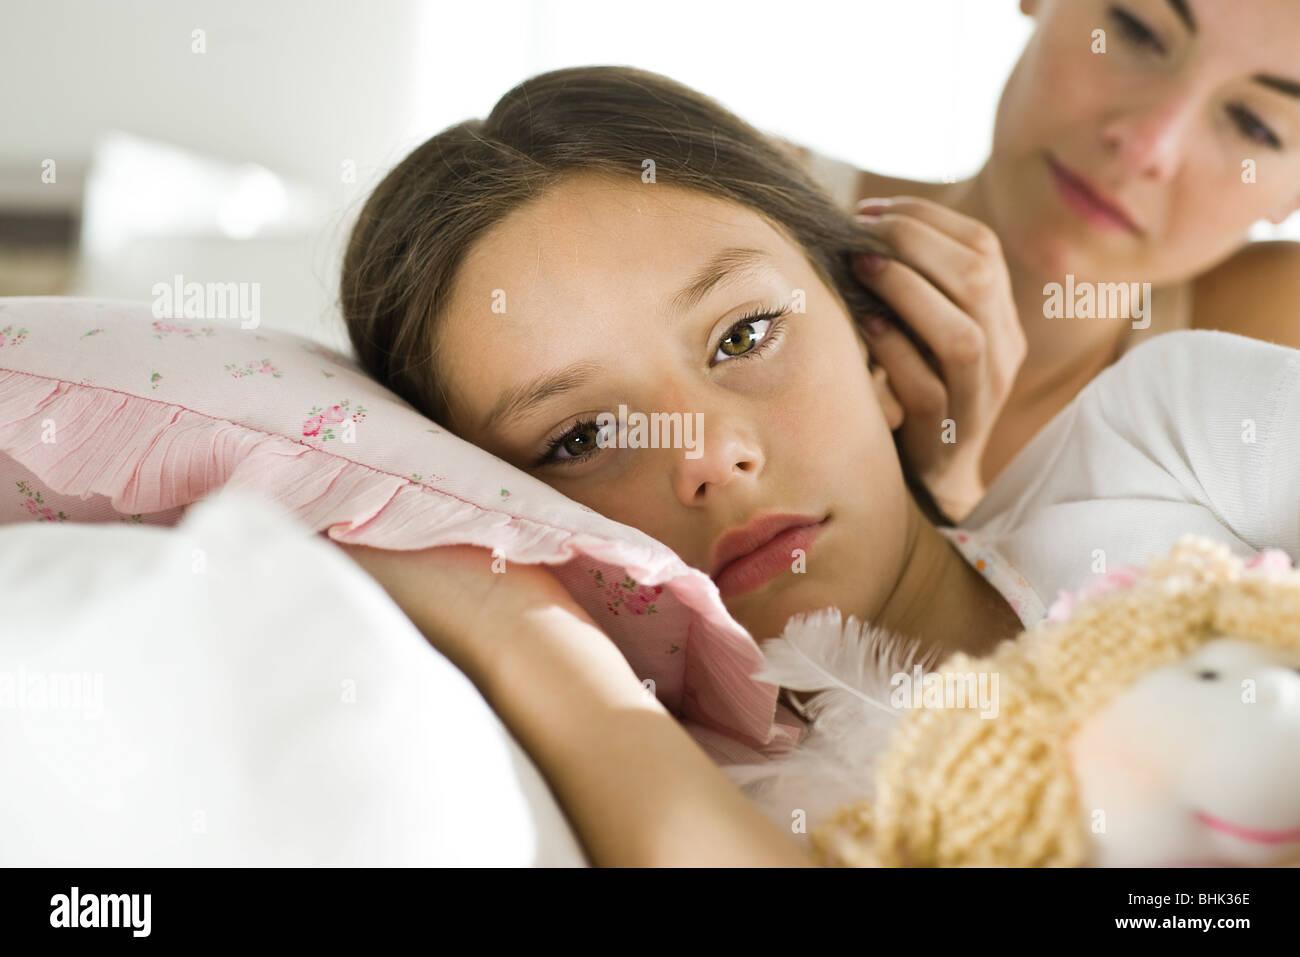 Целка фото рвут, Парень рвет целку молодой девственнице » Порно фото 10 фотография